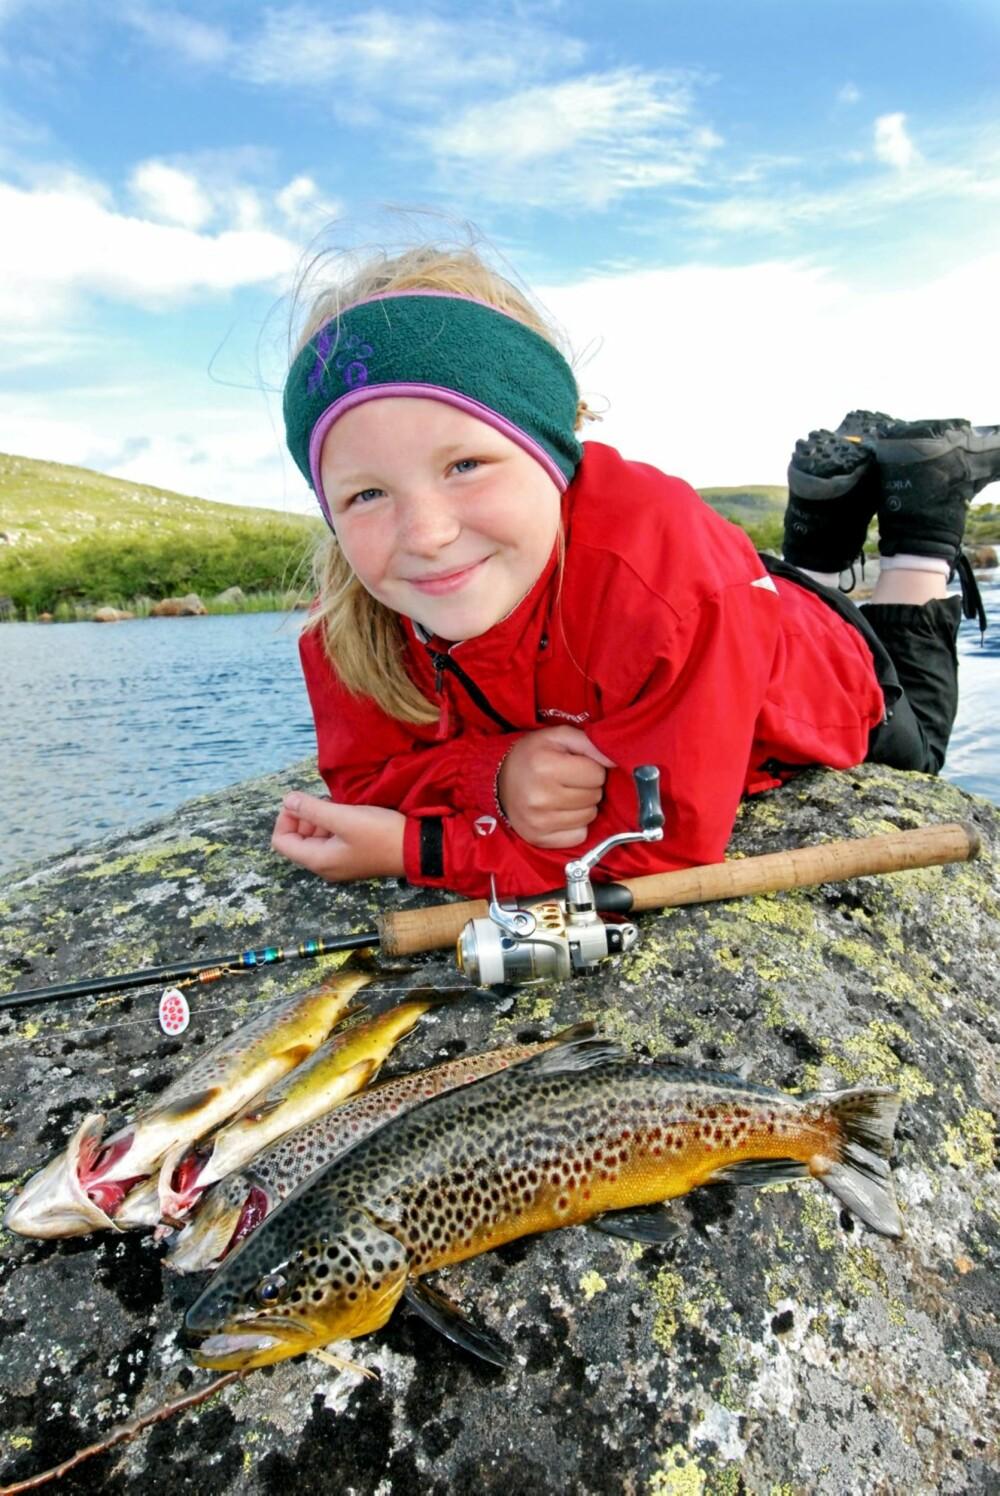 FRILUFTSJENTE: Til tross for dårlig vær og magesjau vil Lise gjerne på tur neste år også. Og noen ganger er det helt ålreit - særlig med så flott fangst.